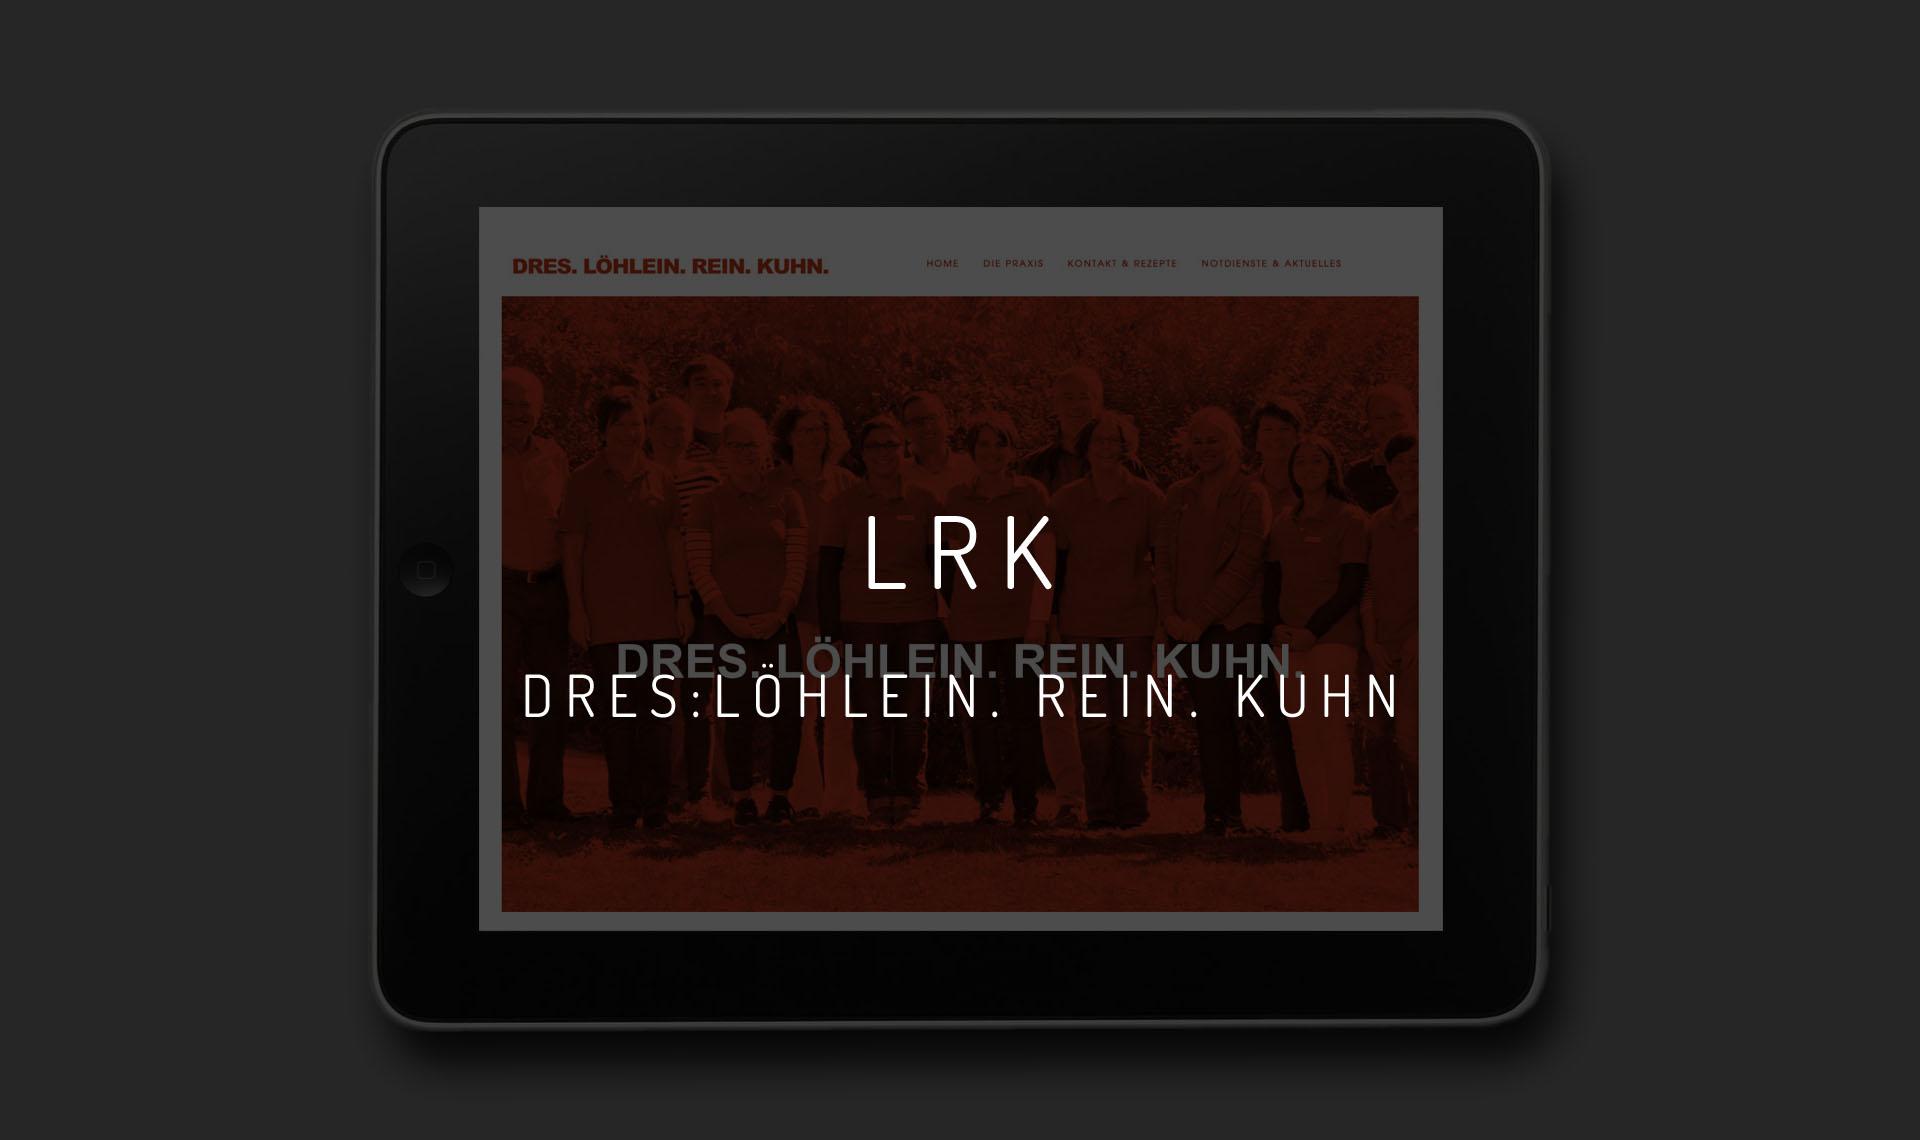 IKD-Mertz-Werbeagentur-Bietigheim-Biss-014LRK